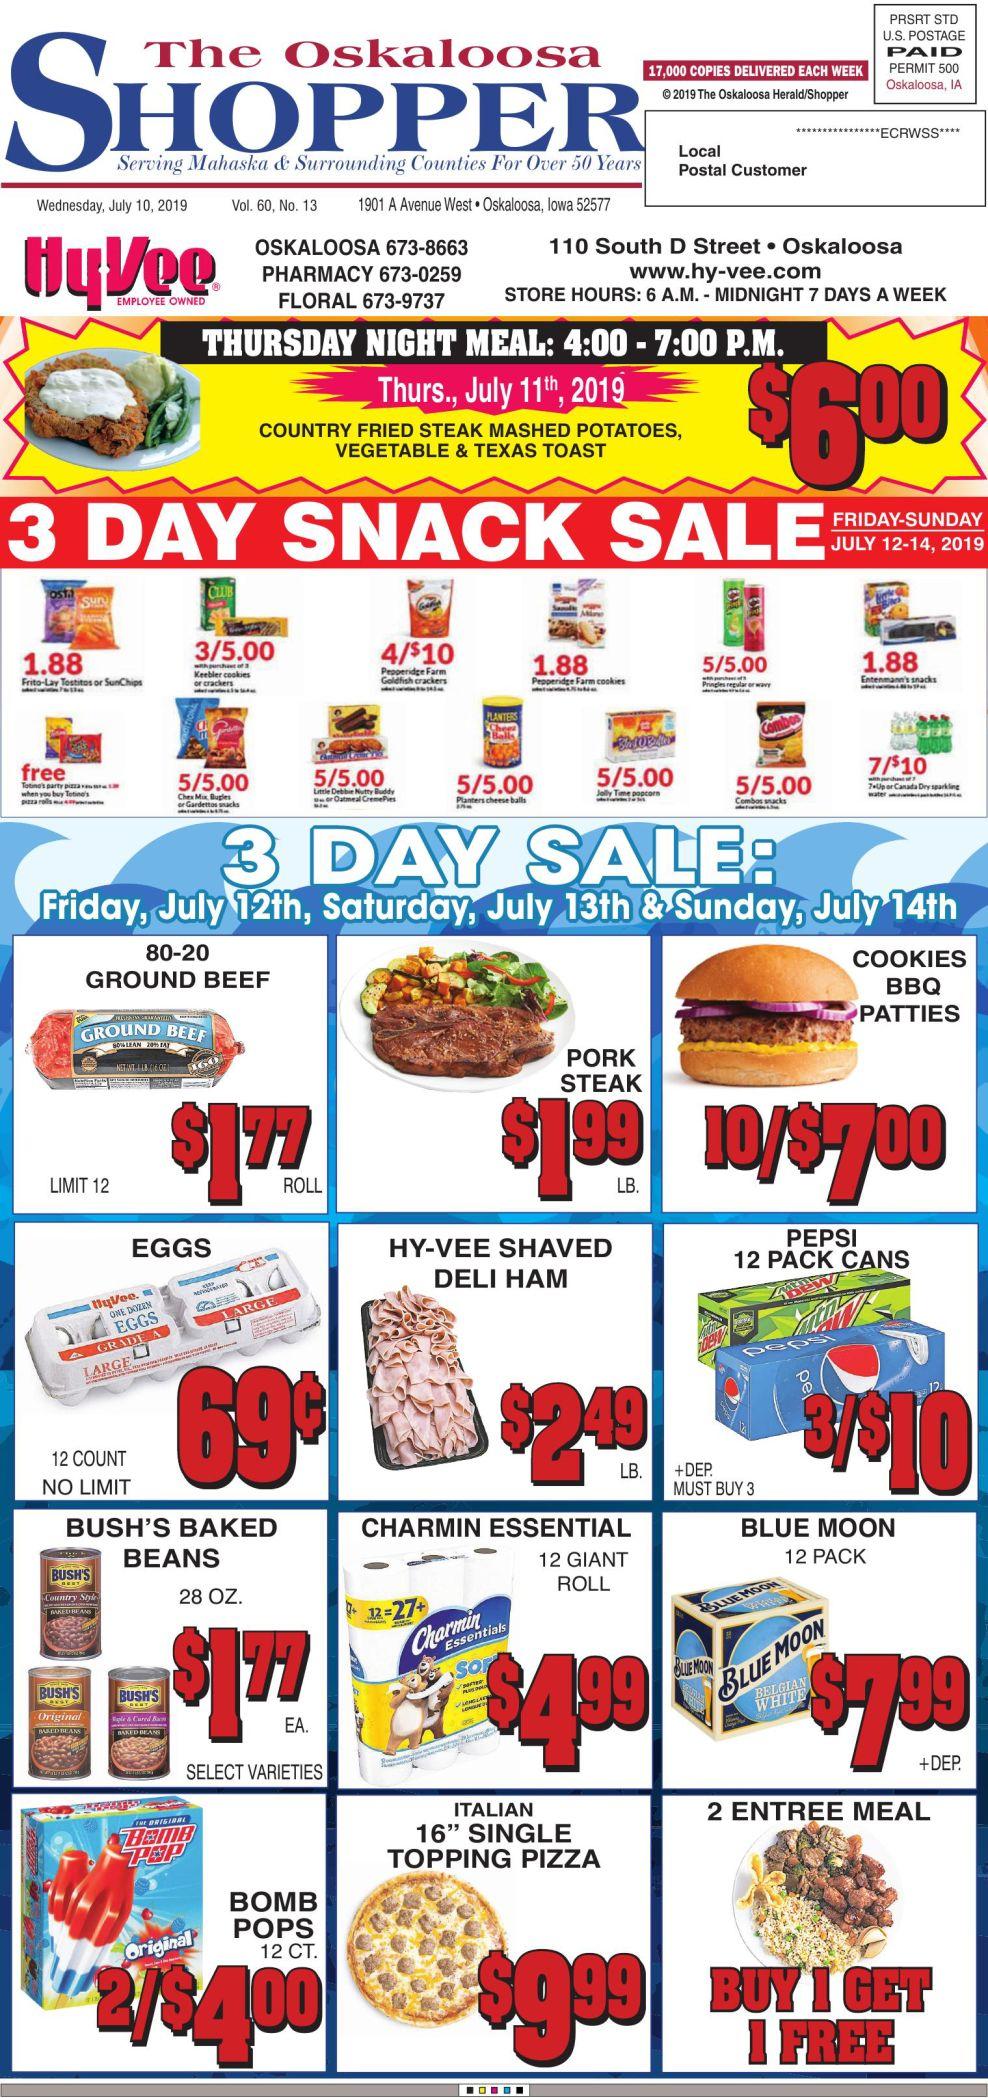 Oskaloosa Shopper week of 7/10/19